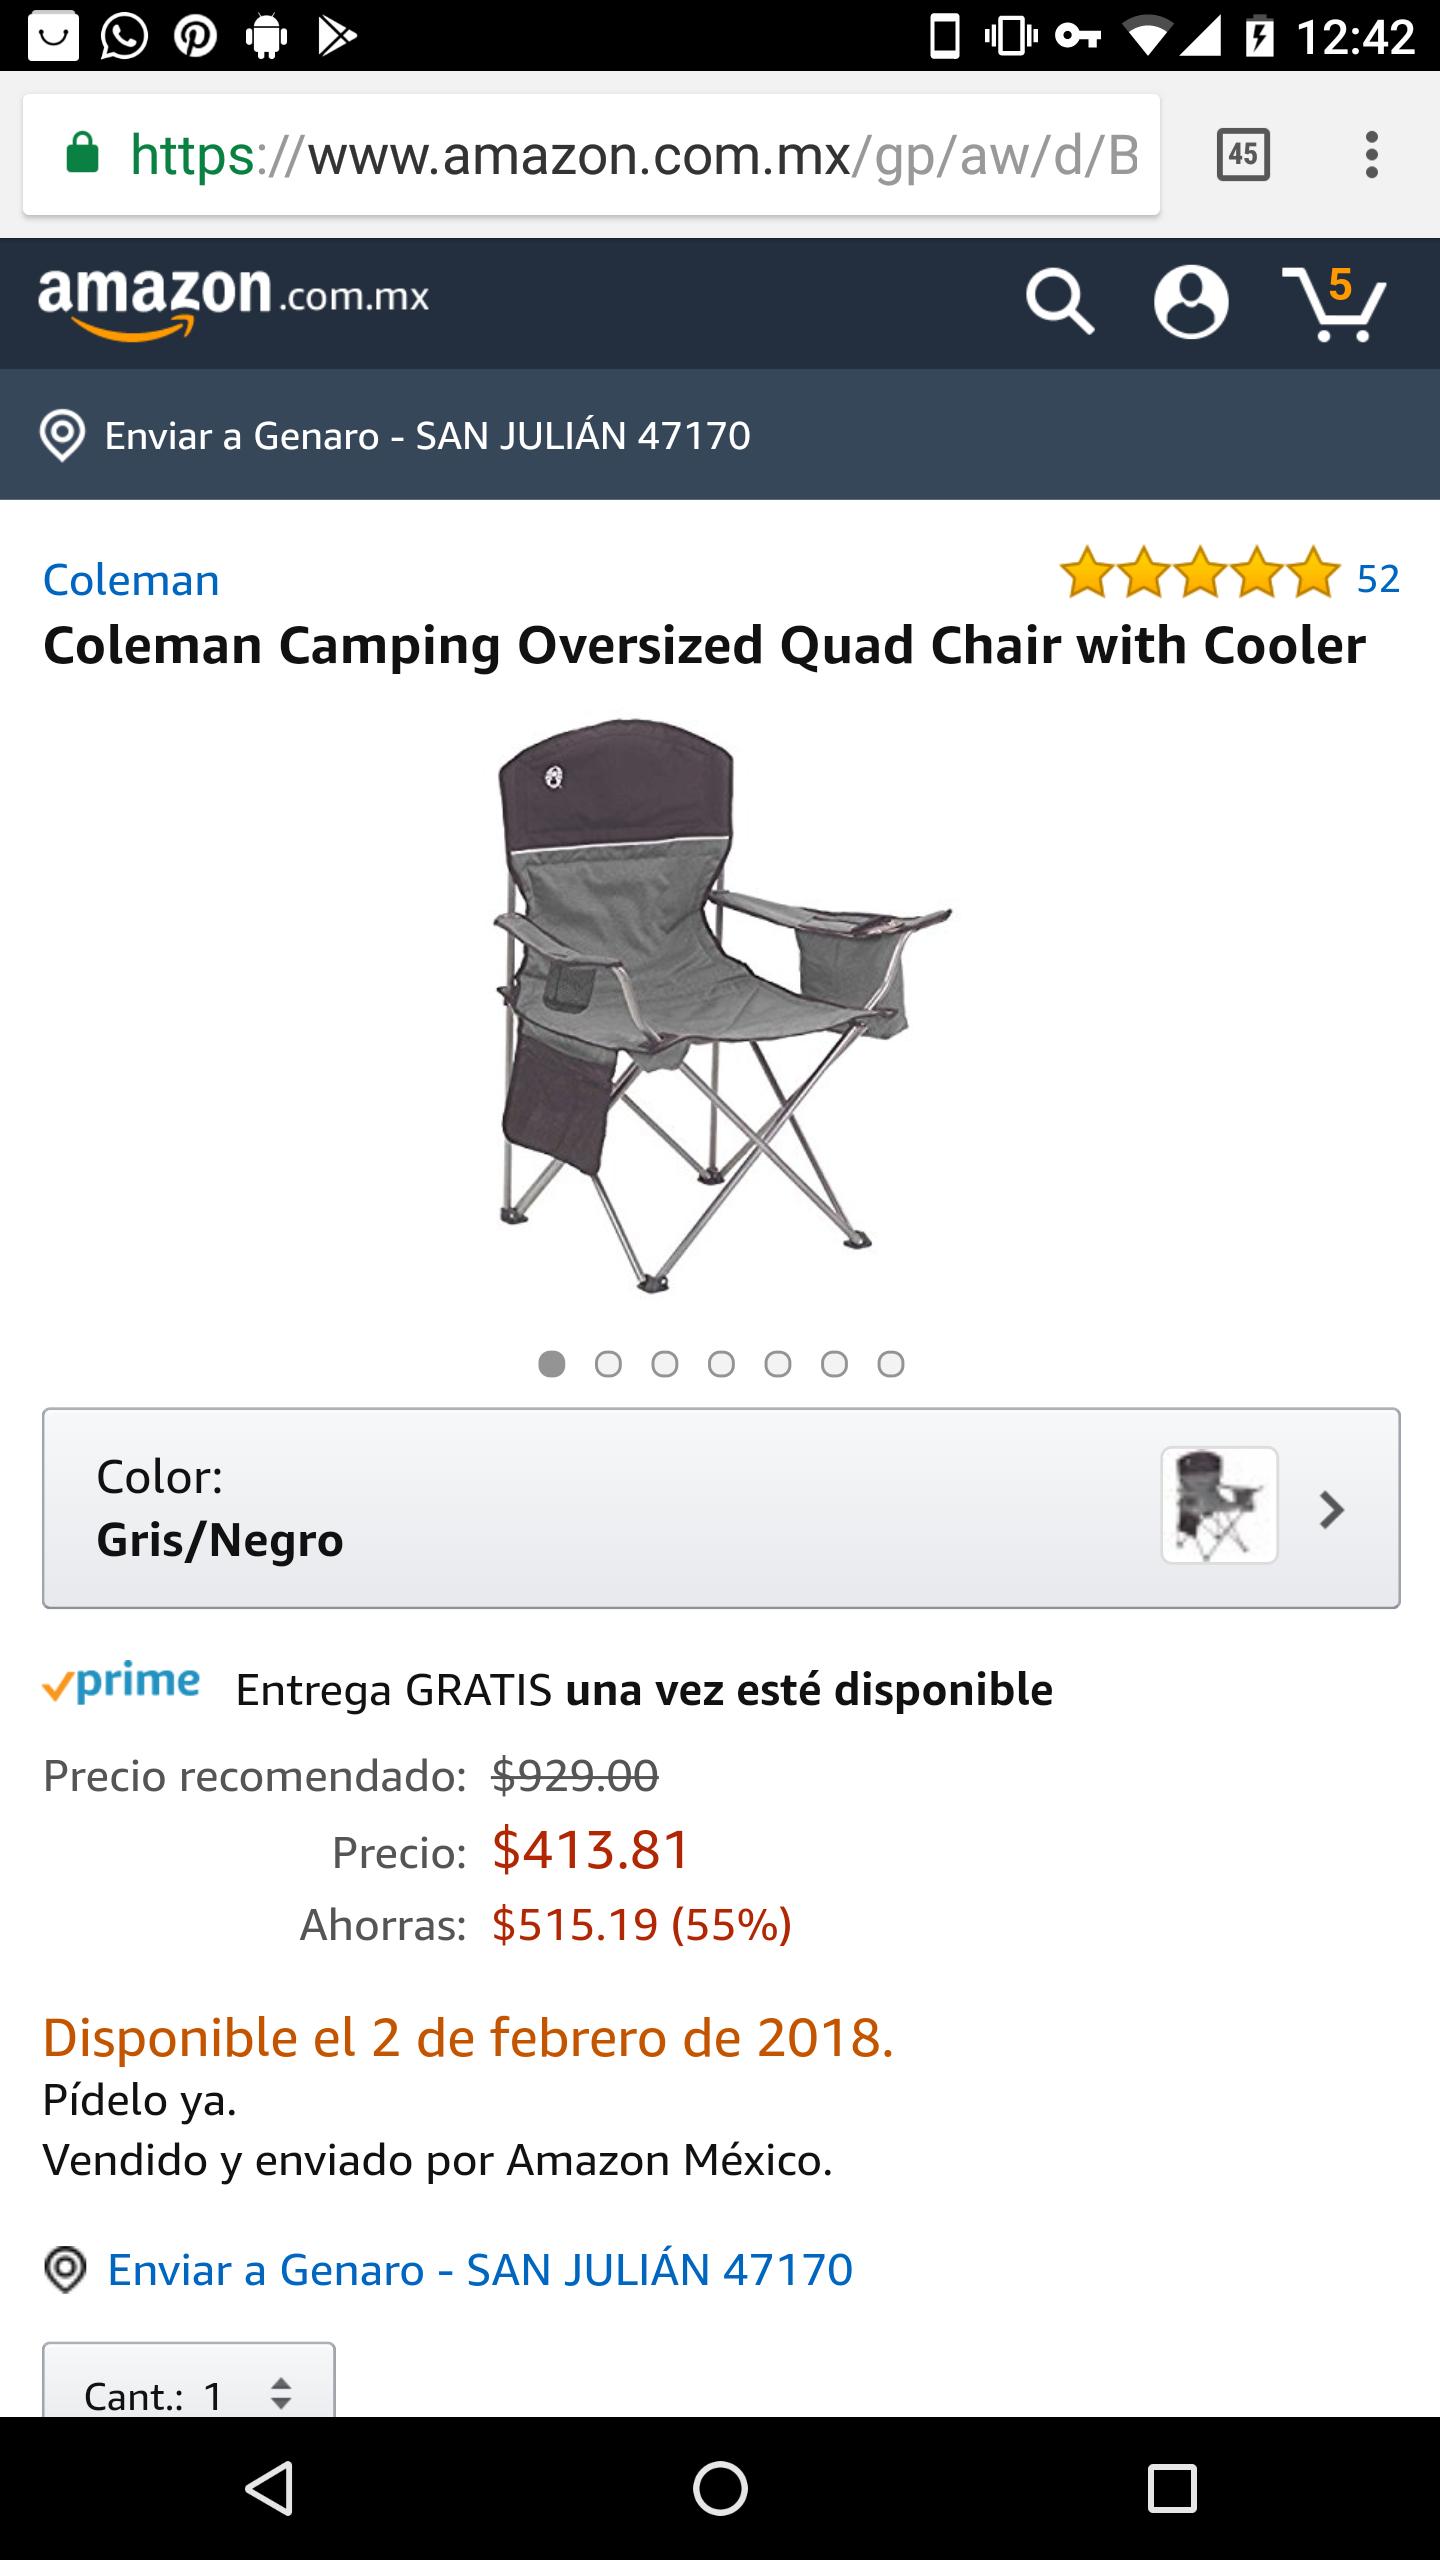 Amazon: Silla Coleman con cooler para las chelas